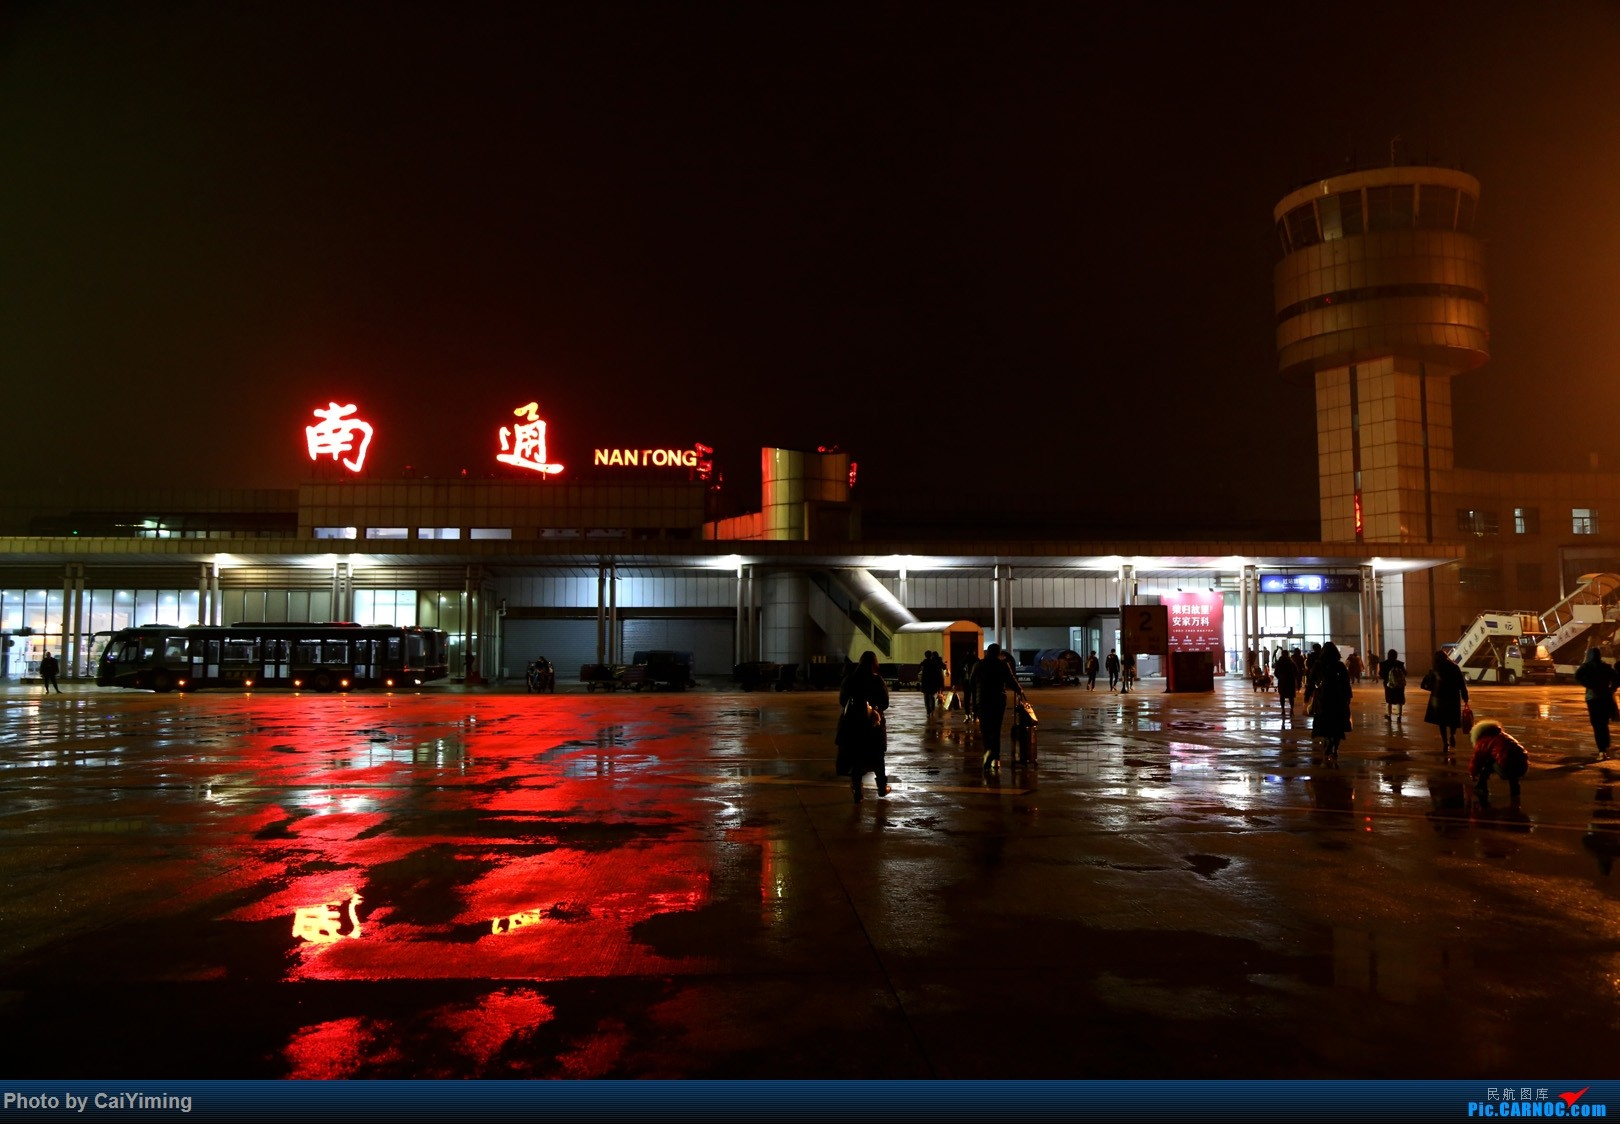 Re:[原创]【人在旅途】成都-浦东-虹桥-西安-南通-成都(3U+MU空客A359体验)    中国南通兴东机场